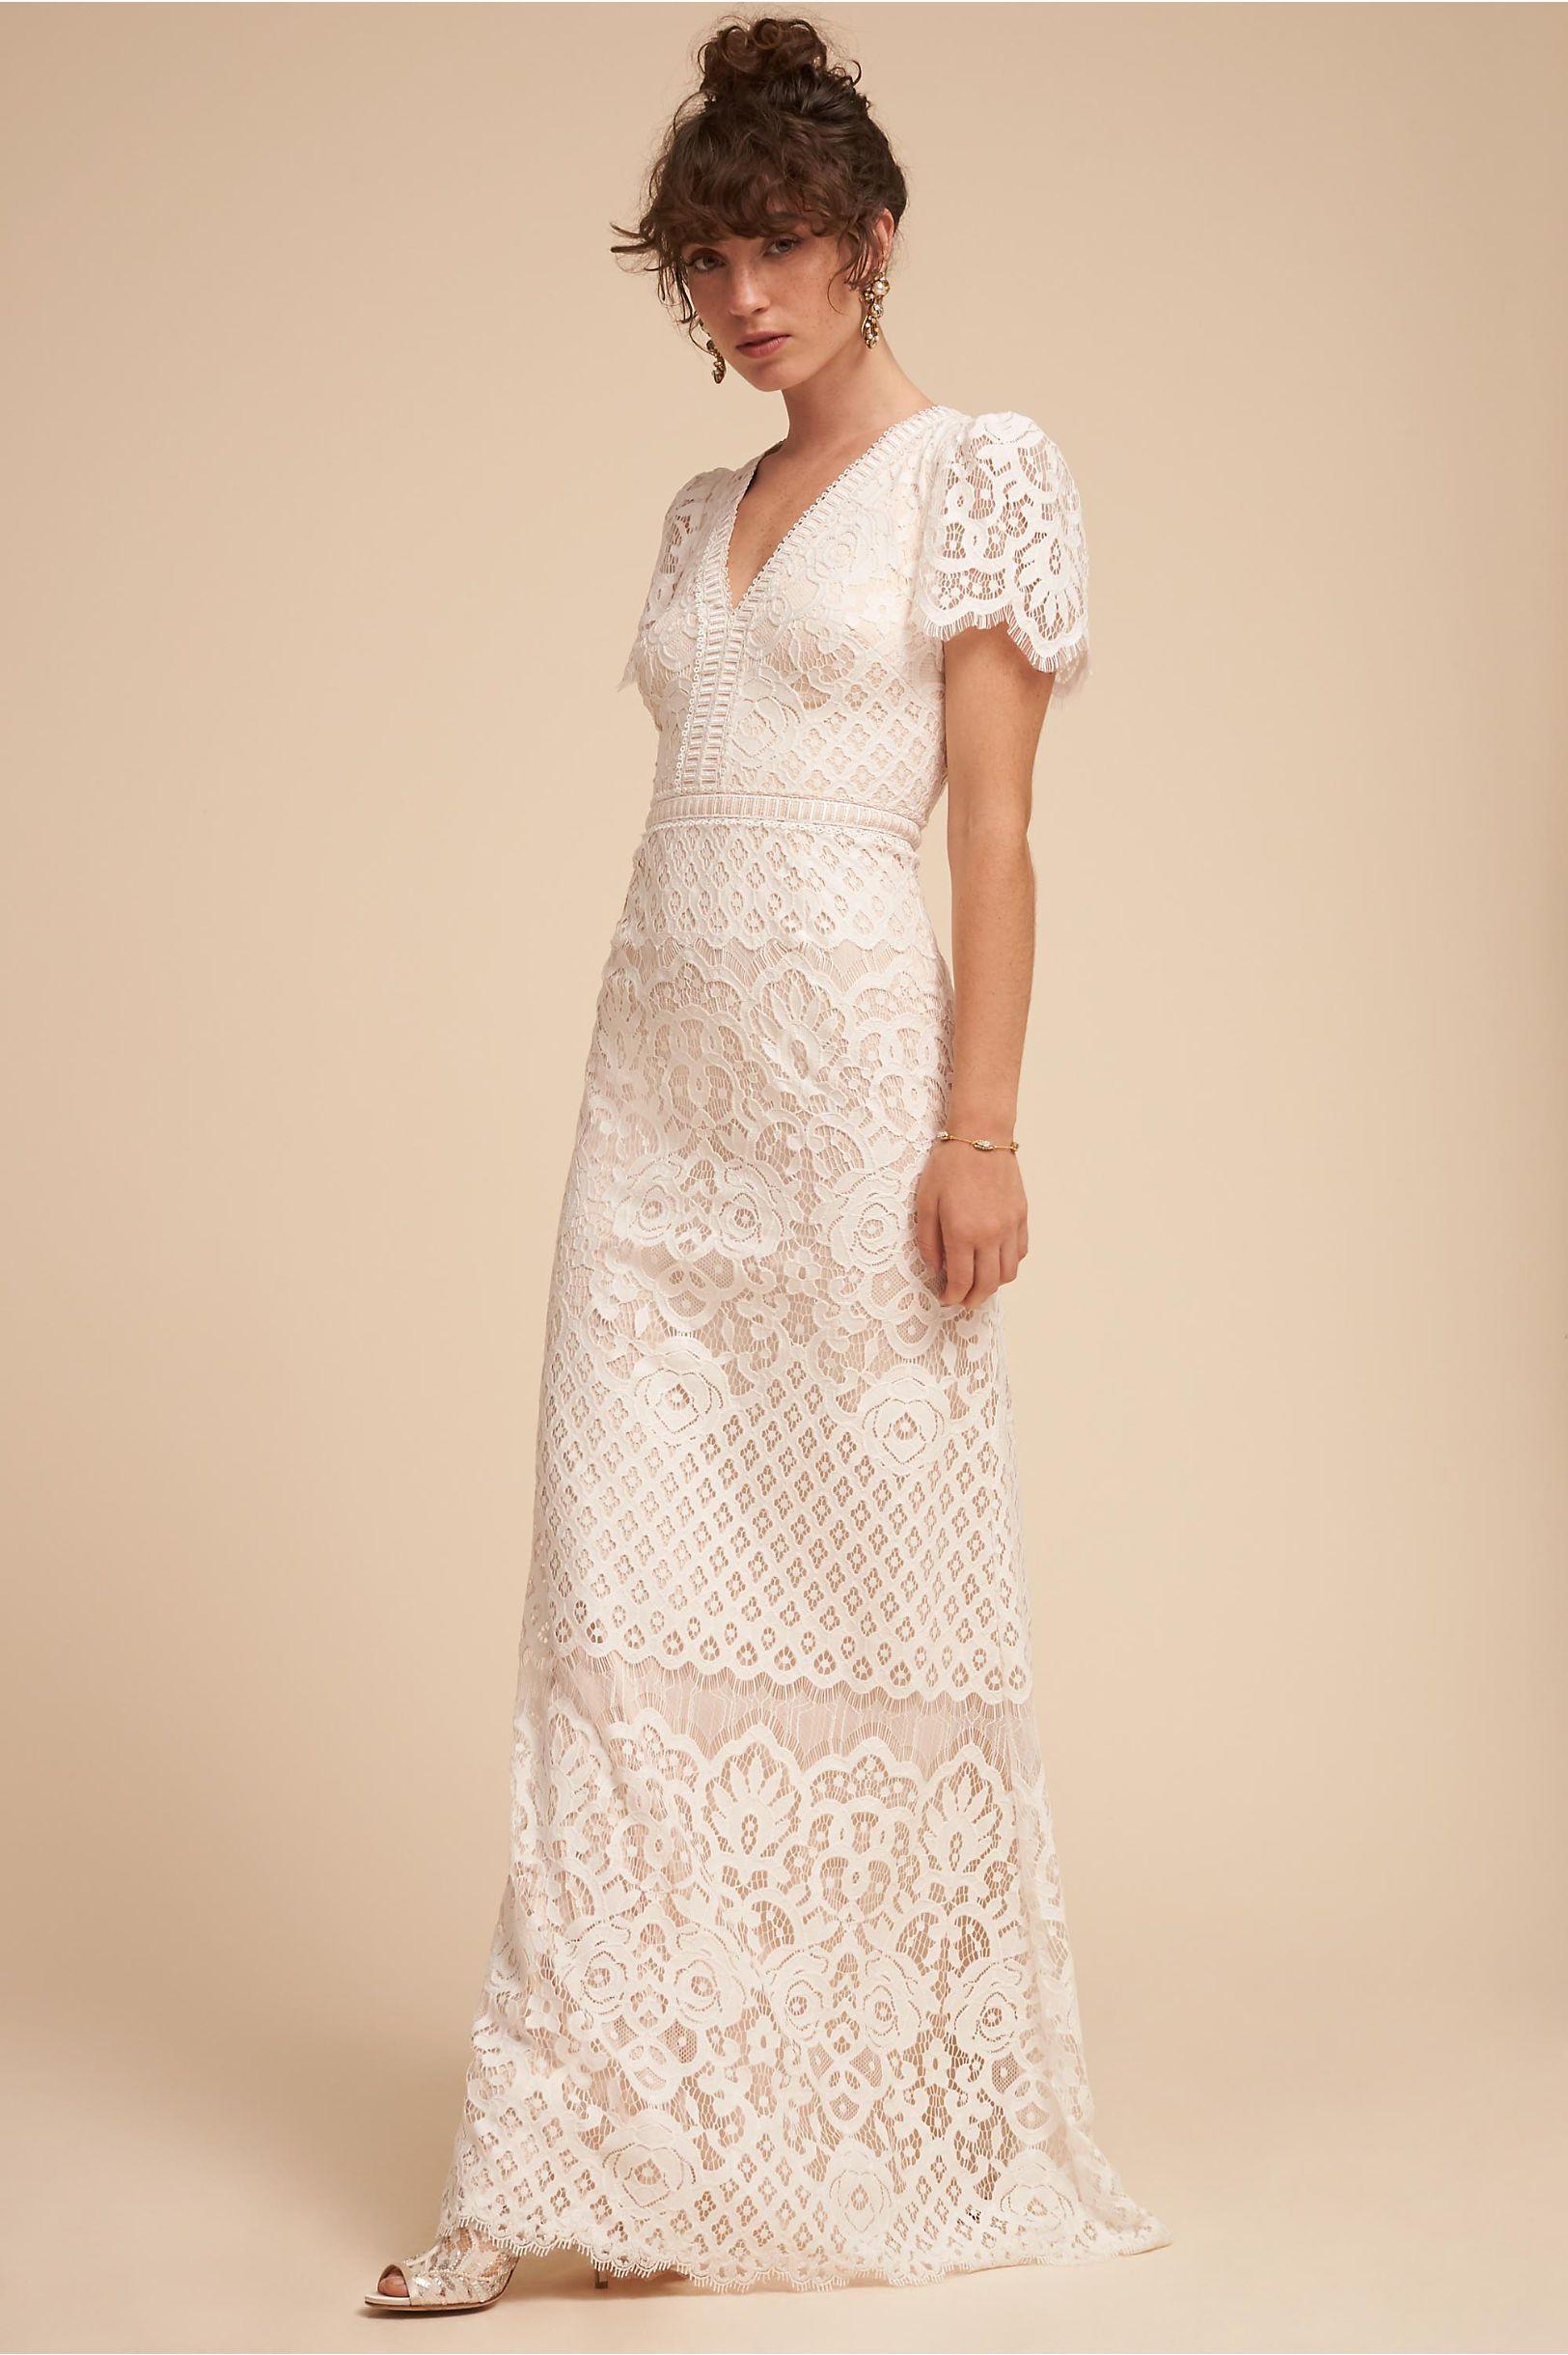 BHLDNu0027s Tadashi Shoji Minuet Gown In Ivory/natural